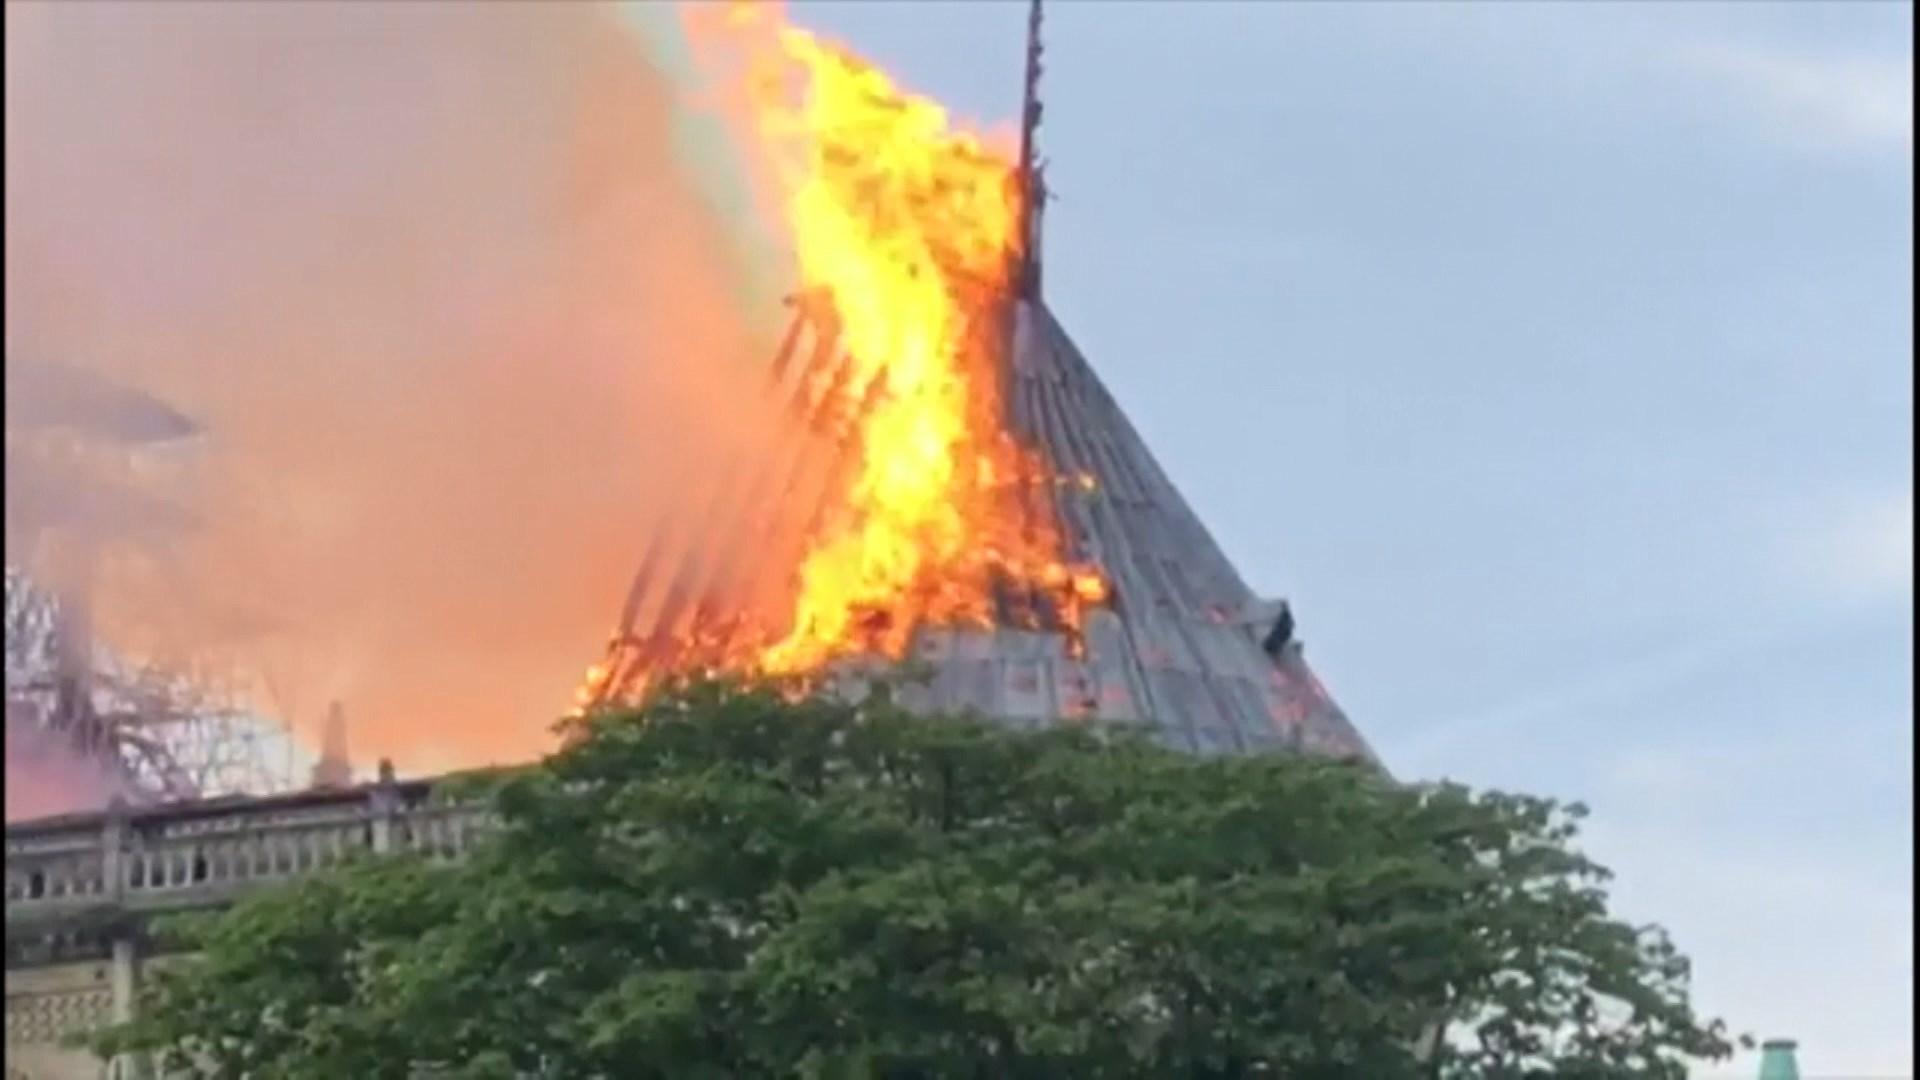 巴黎聖母院大火尖塔倒塌 疑因維修工程引起